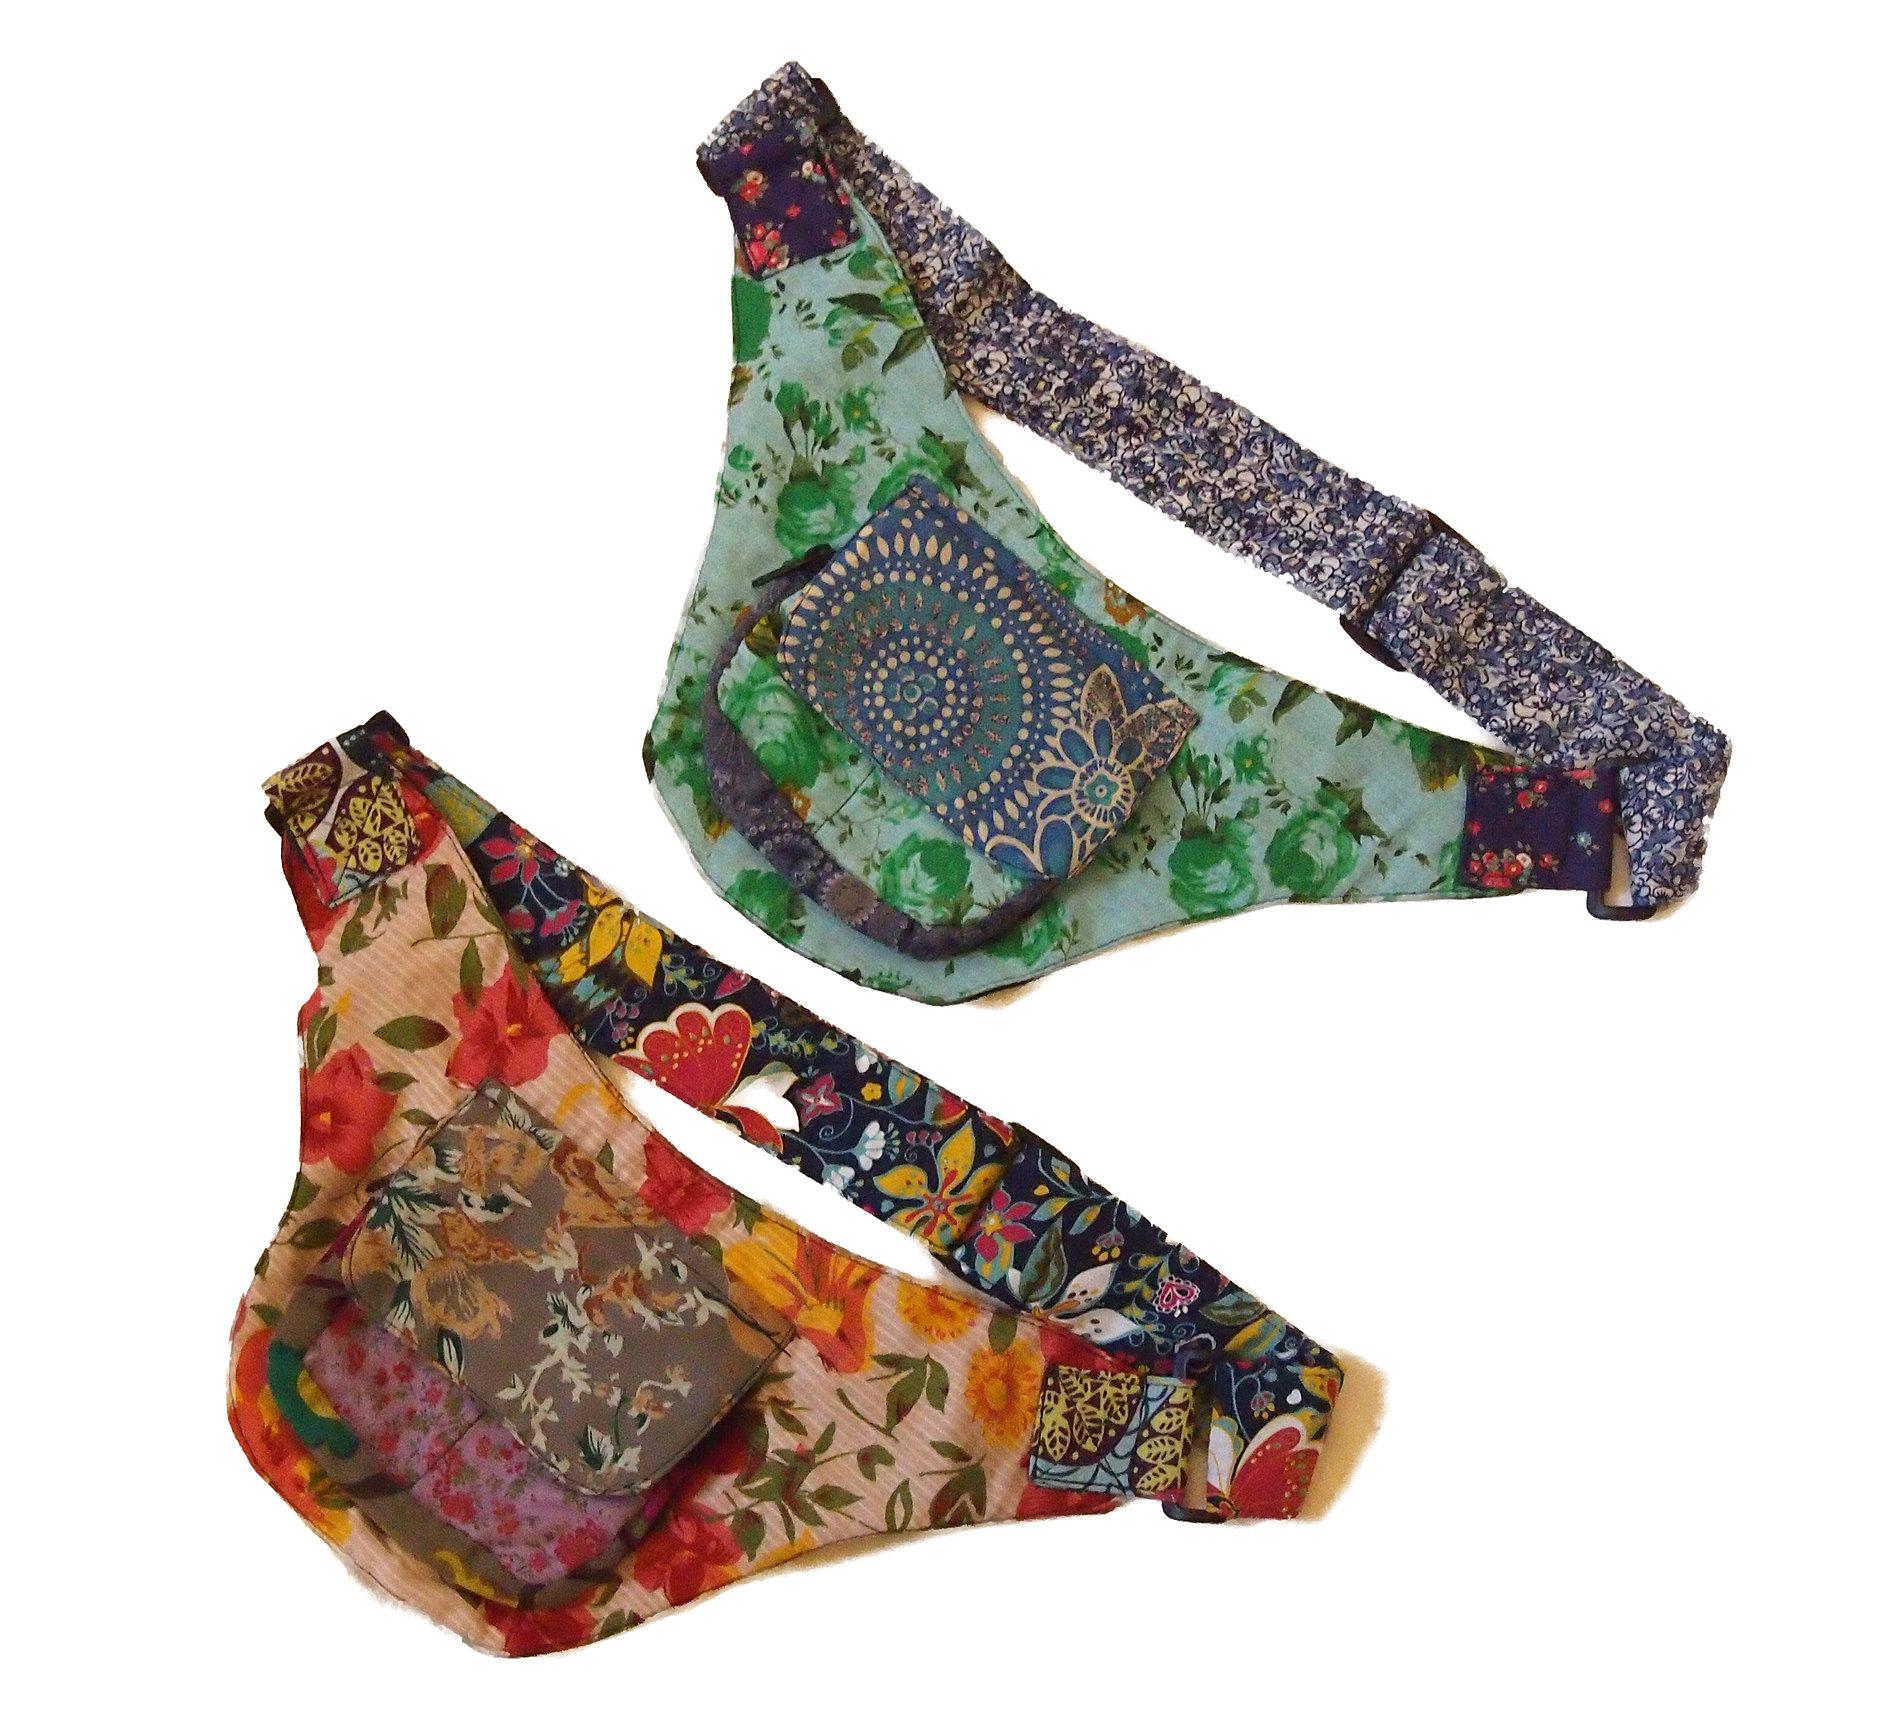 Wholesale Hippy Clothing/Boho Ethnic Clothing/Festival UK